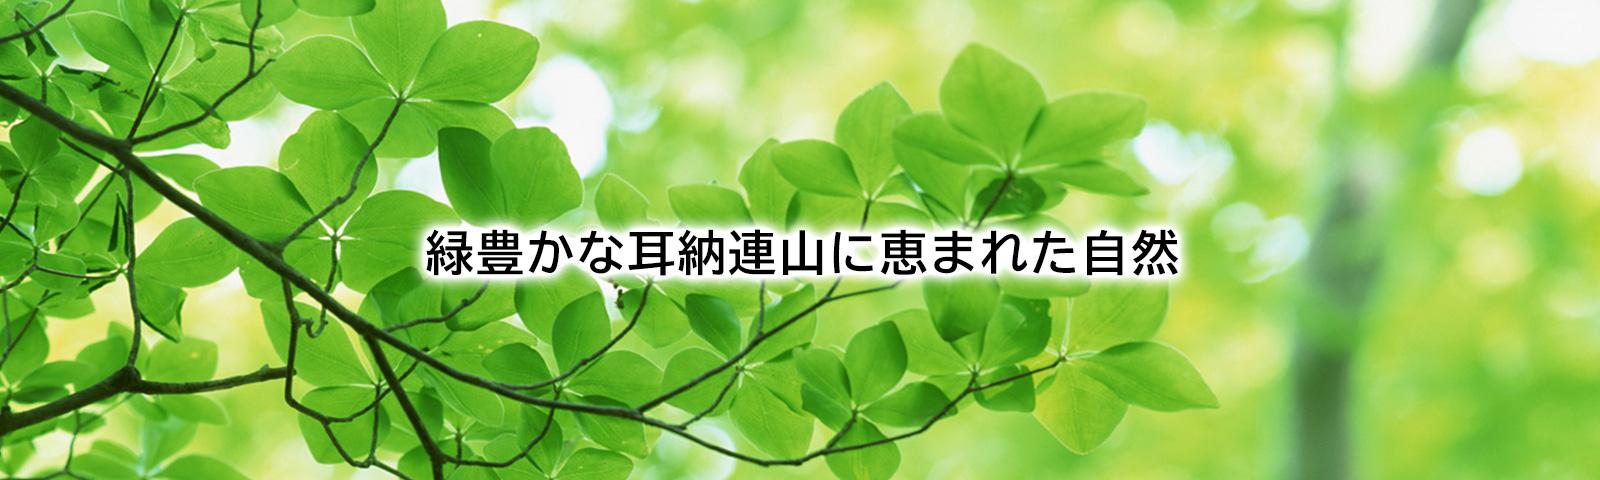 緑豊かな耳納連山イメージ